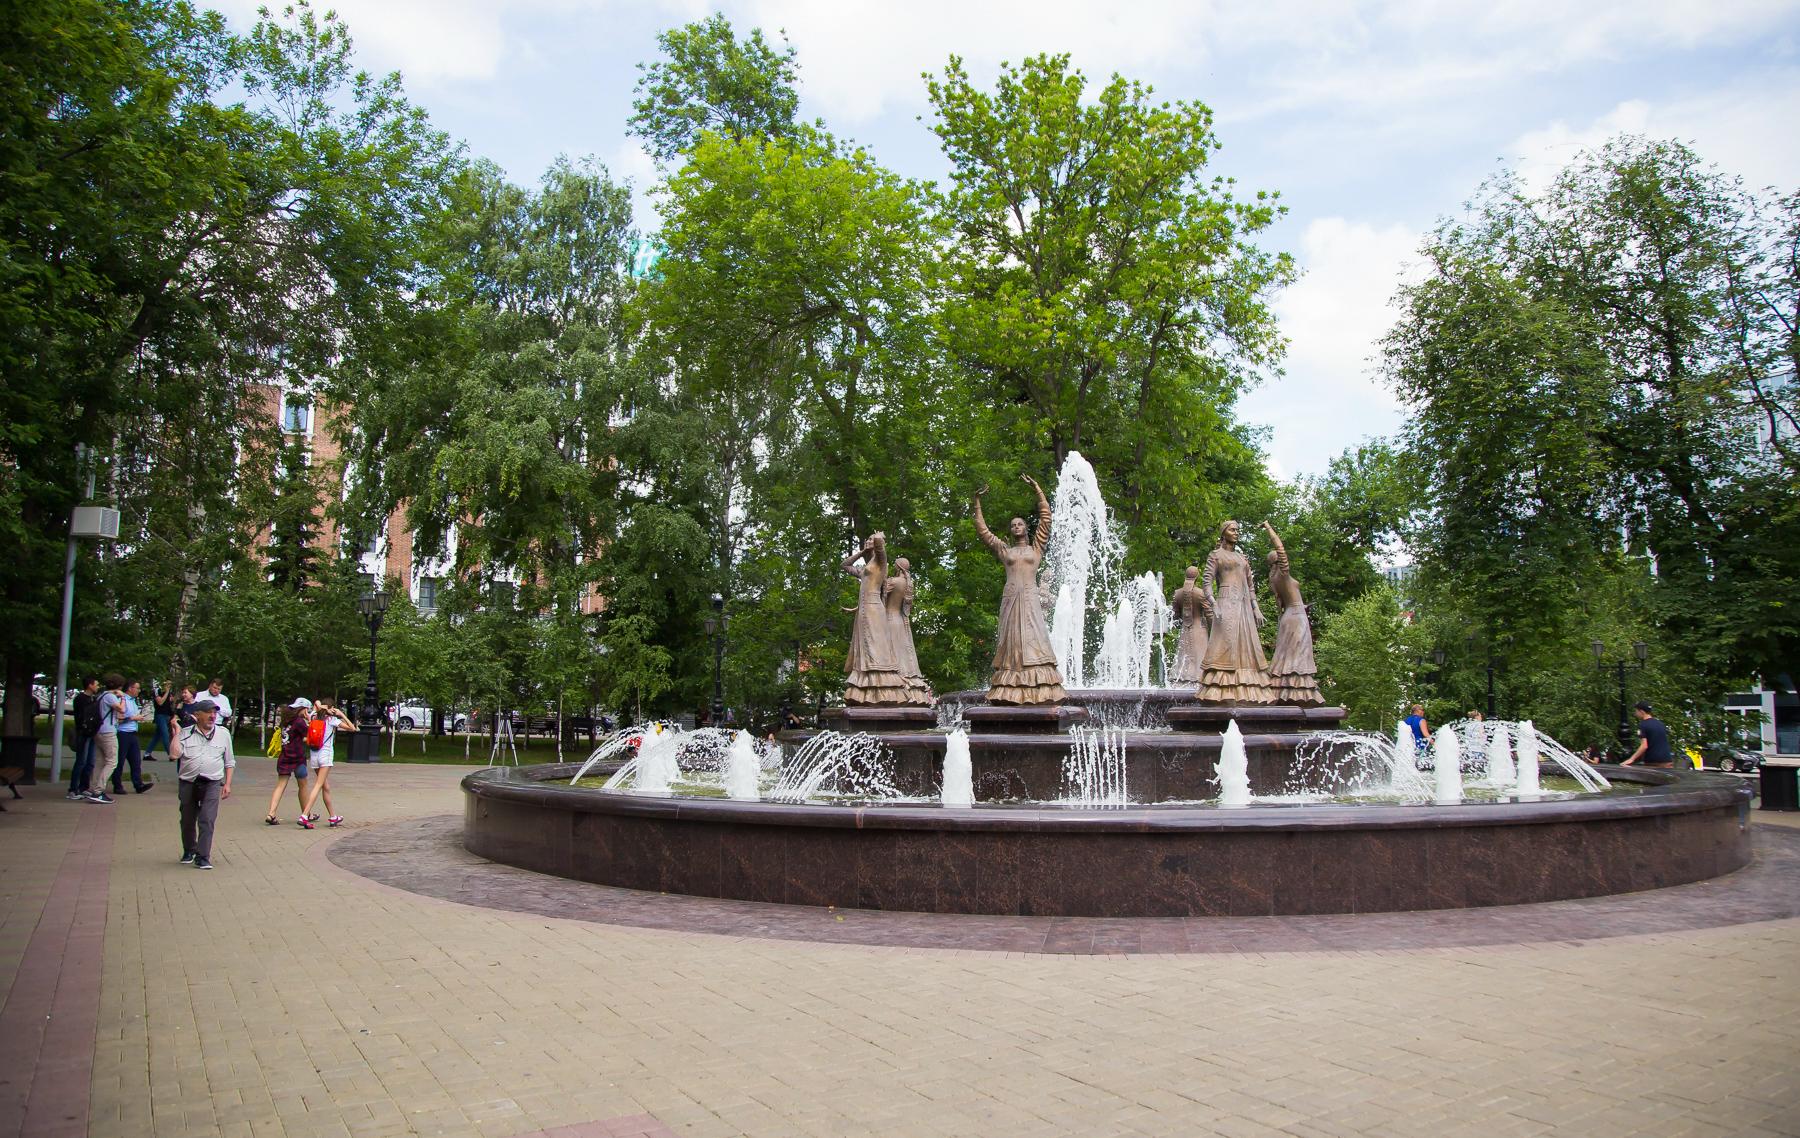 К 2015 году в сквере Театральный построили светомузыкальный фонтан «Семь девушек». Башкирская легенда гласит, что они попали в плен, а когда не смогли убежать от погони, прыгнули в озеро и утонули<br><br>